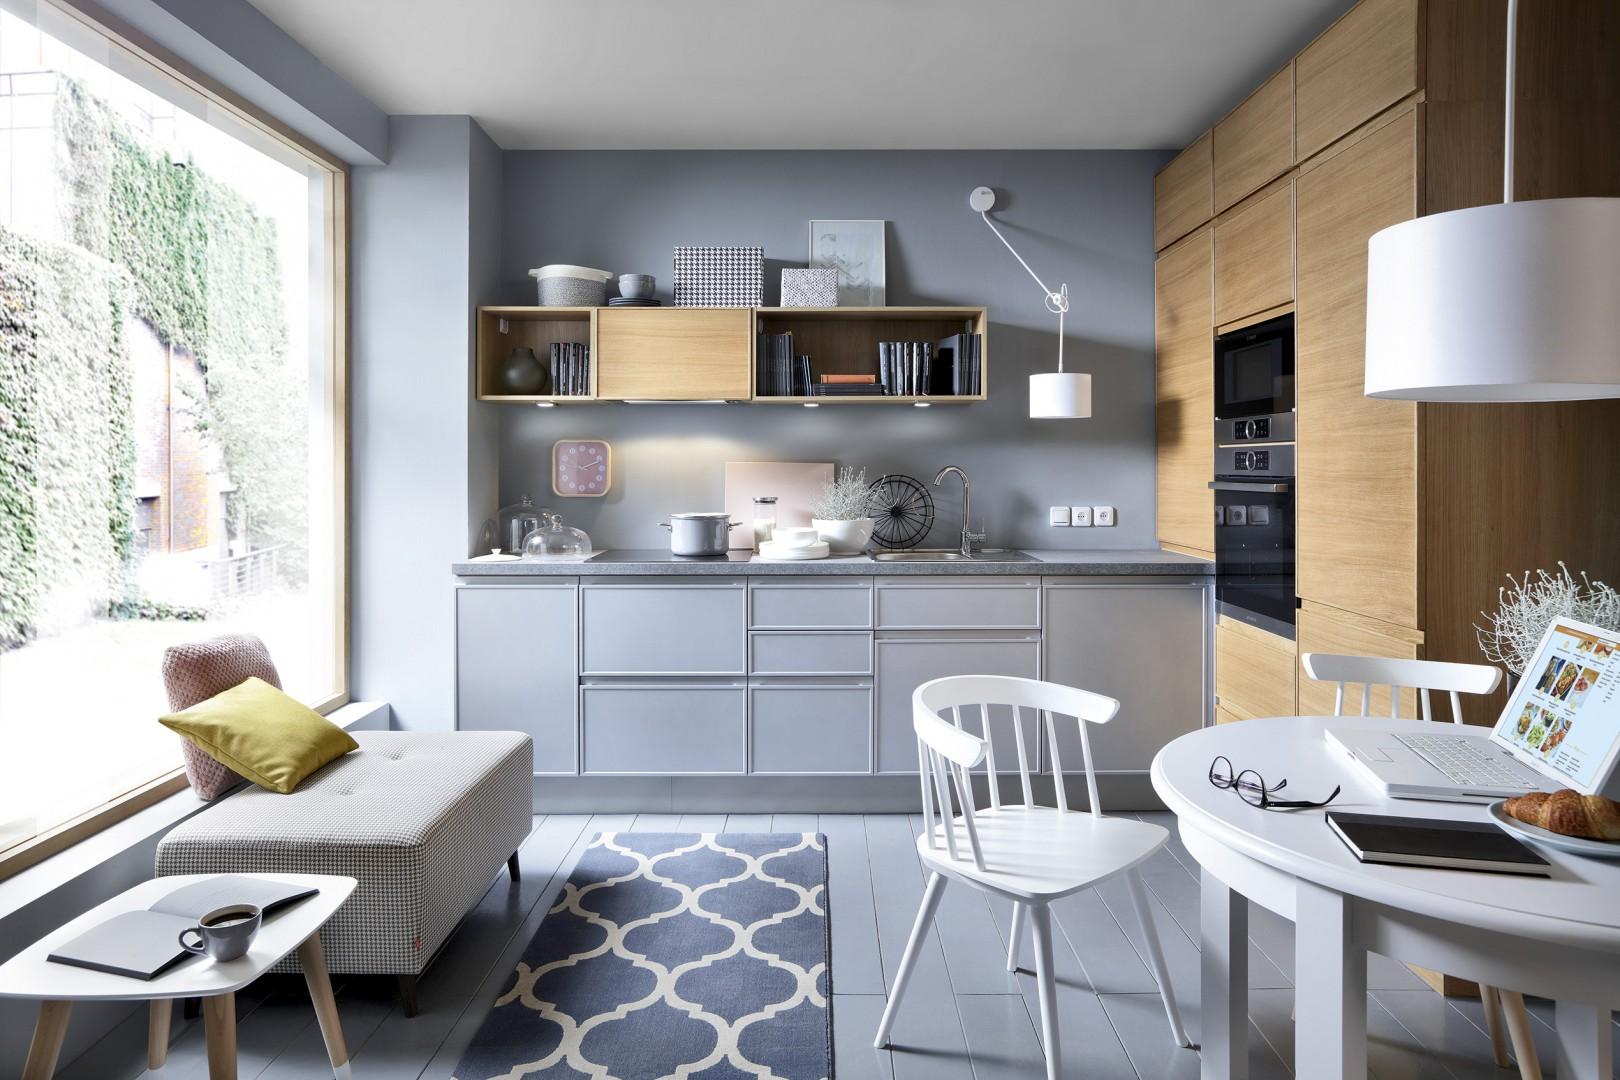 Połączenie szarości z kolorem drewna należy do najpopularniejszych zestawień w kuchni. Fot. BRW